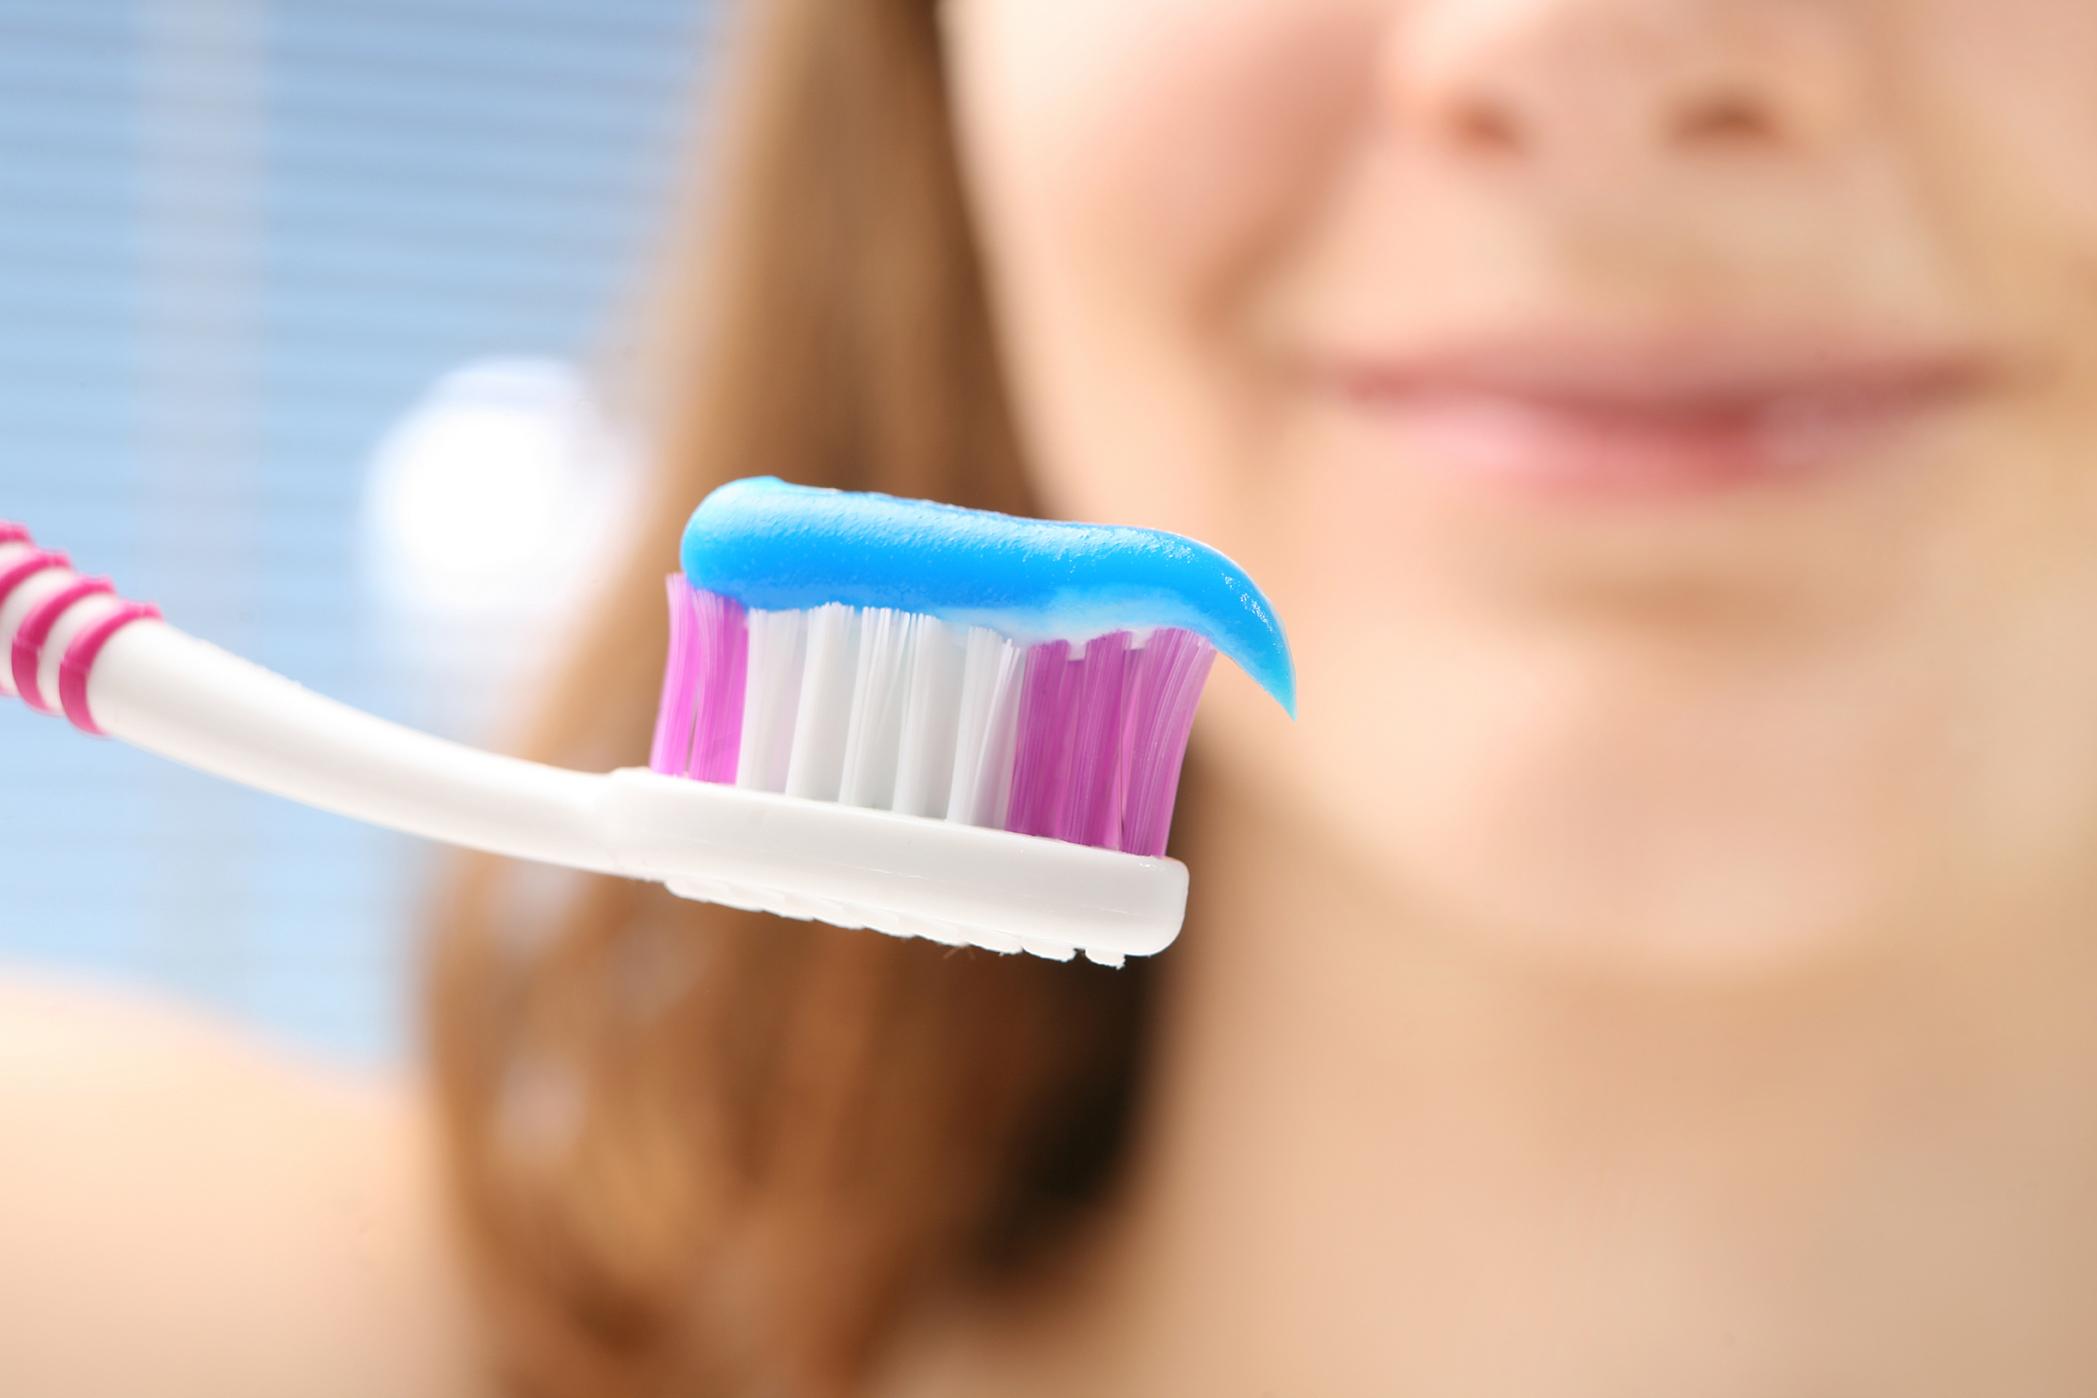 ¿Cuidado dental?